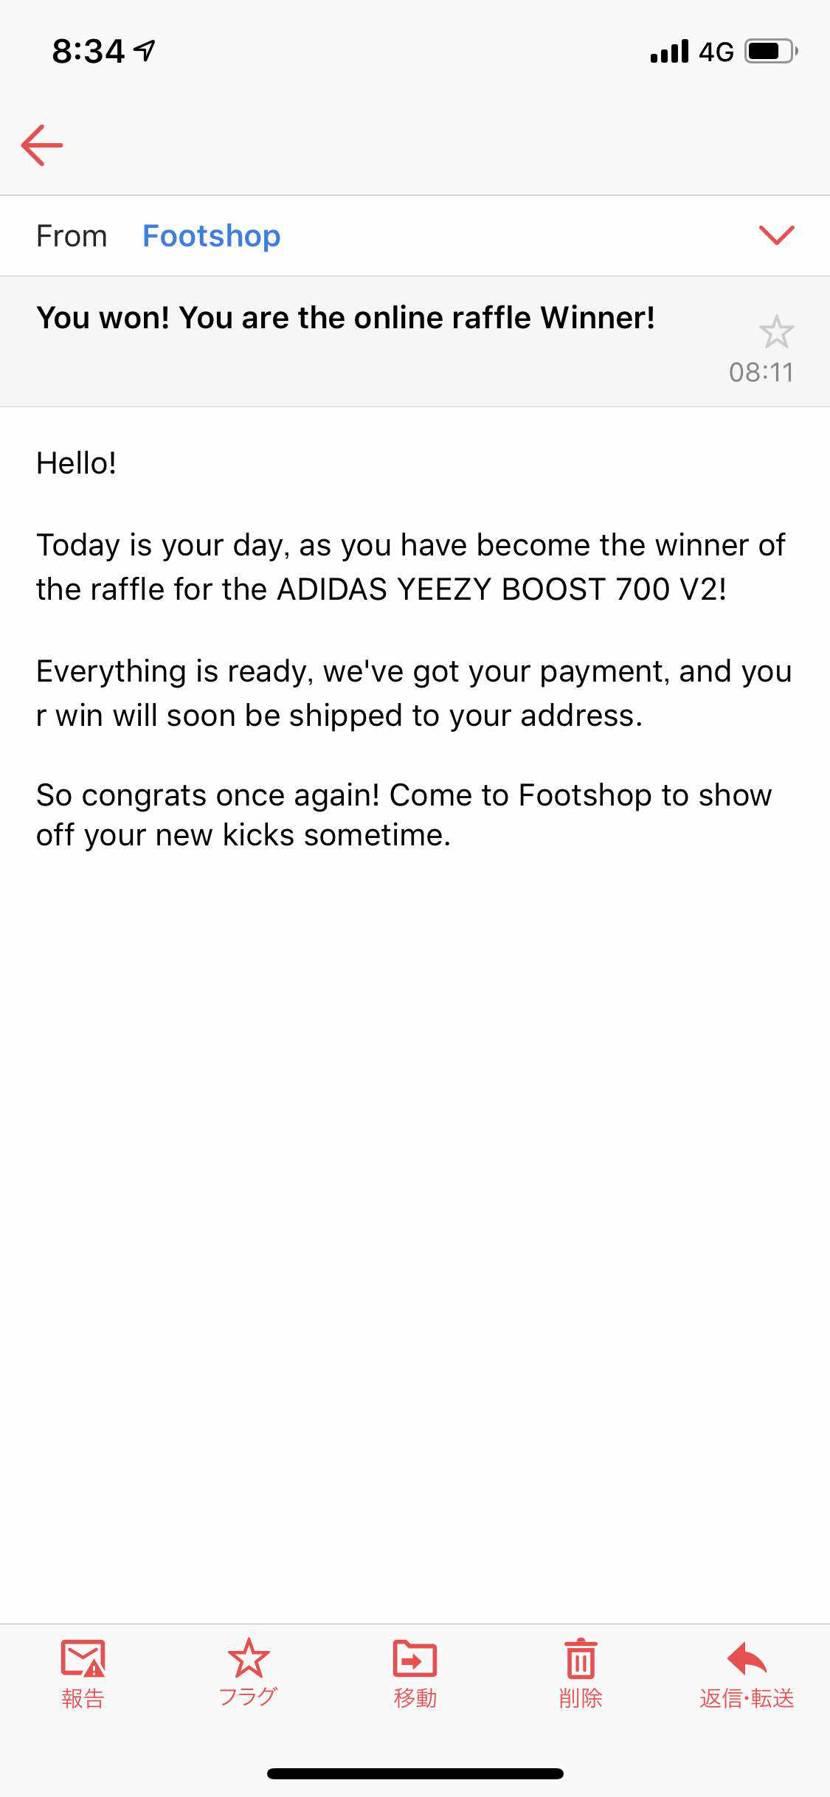 Footshopから通知が来たのですが、これは当選ということでいいんですよね!?